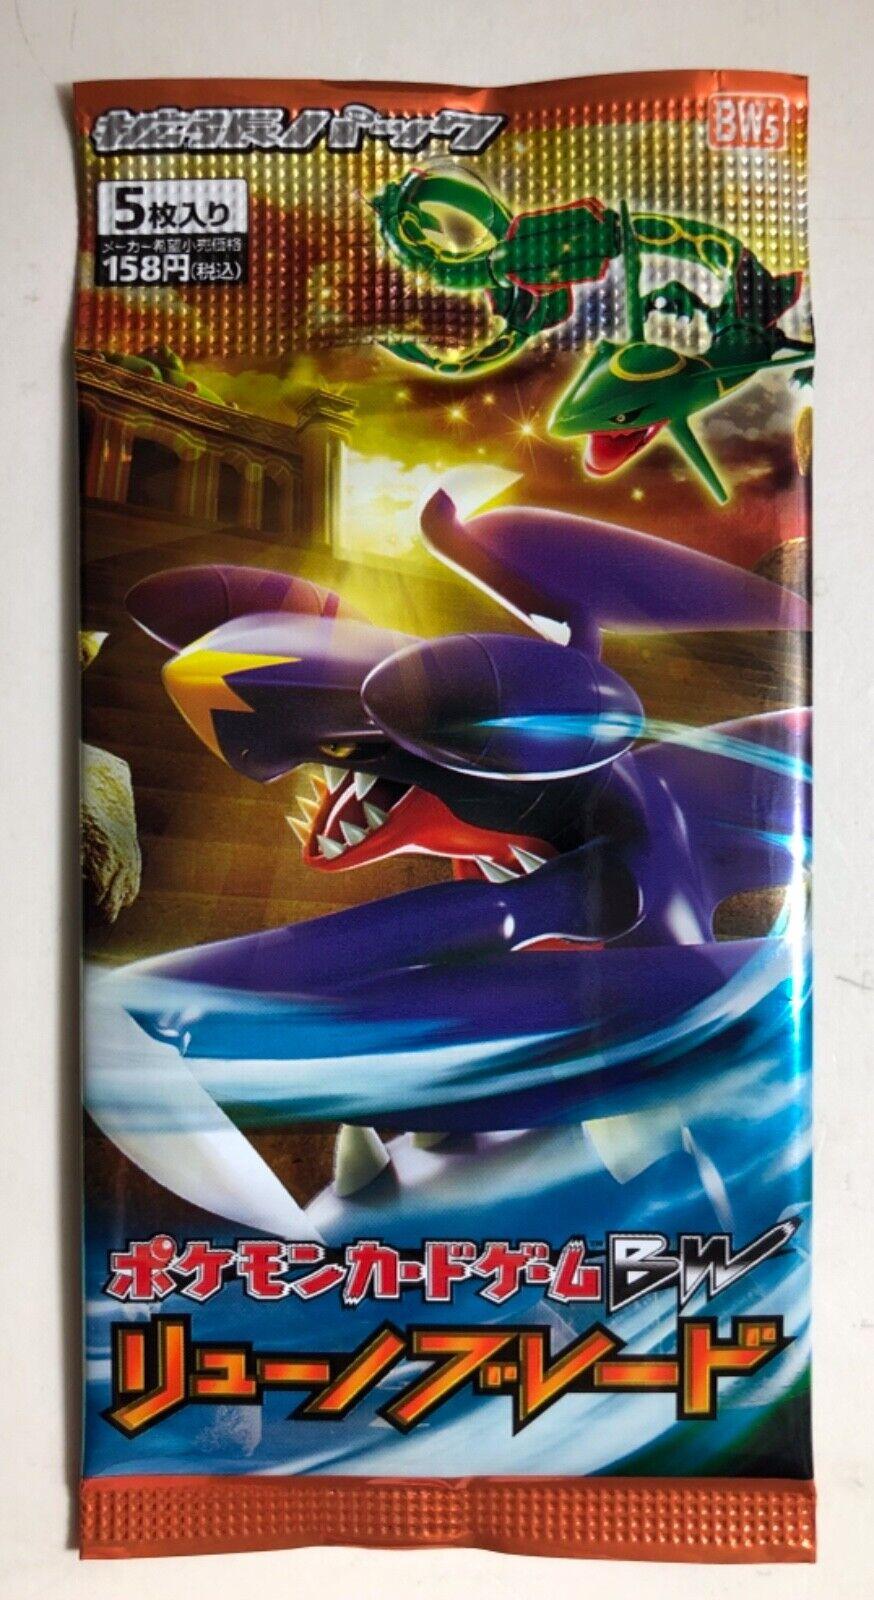 ヘイルブリザード Japanese Pokemon Card BW 3-1st Edition Sealed Booster Pack